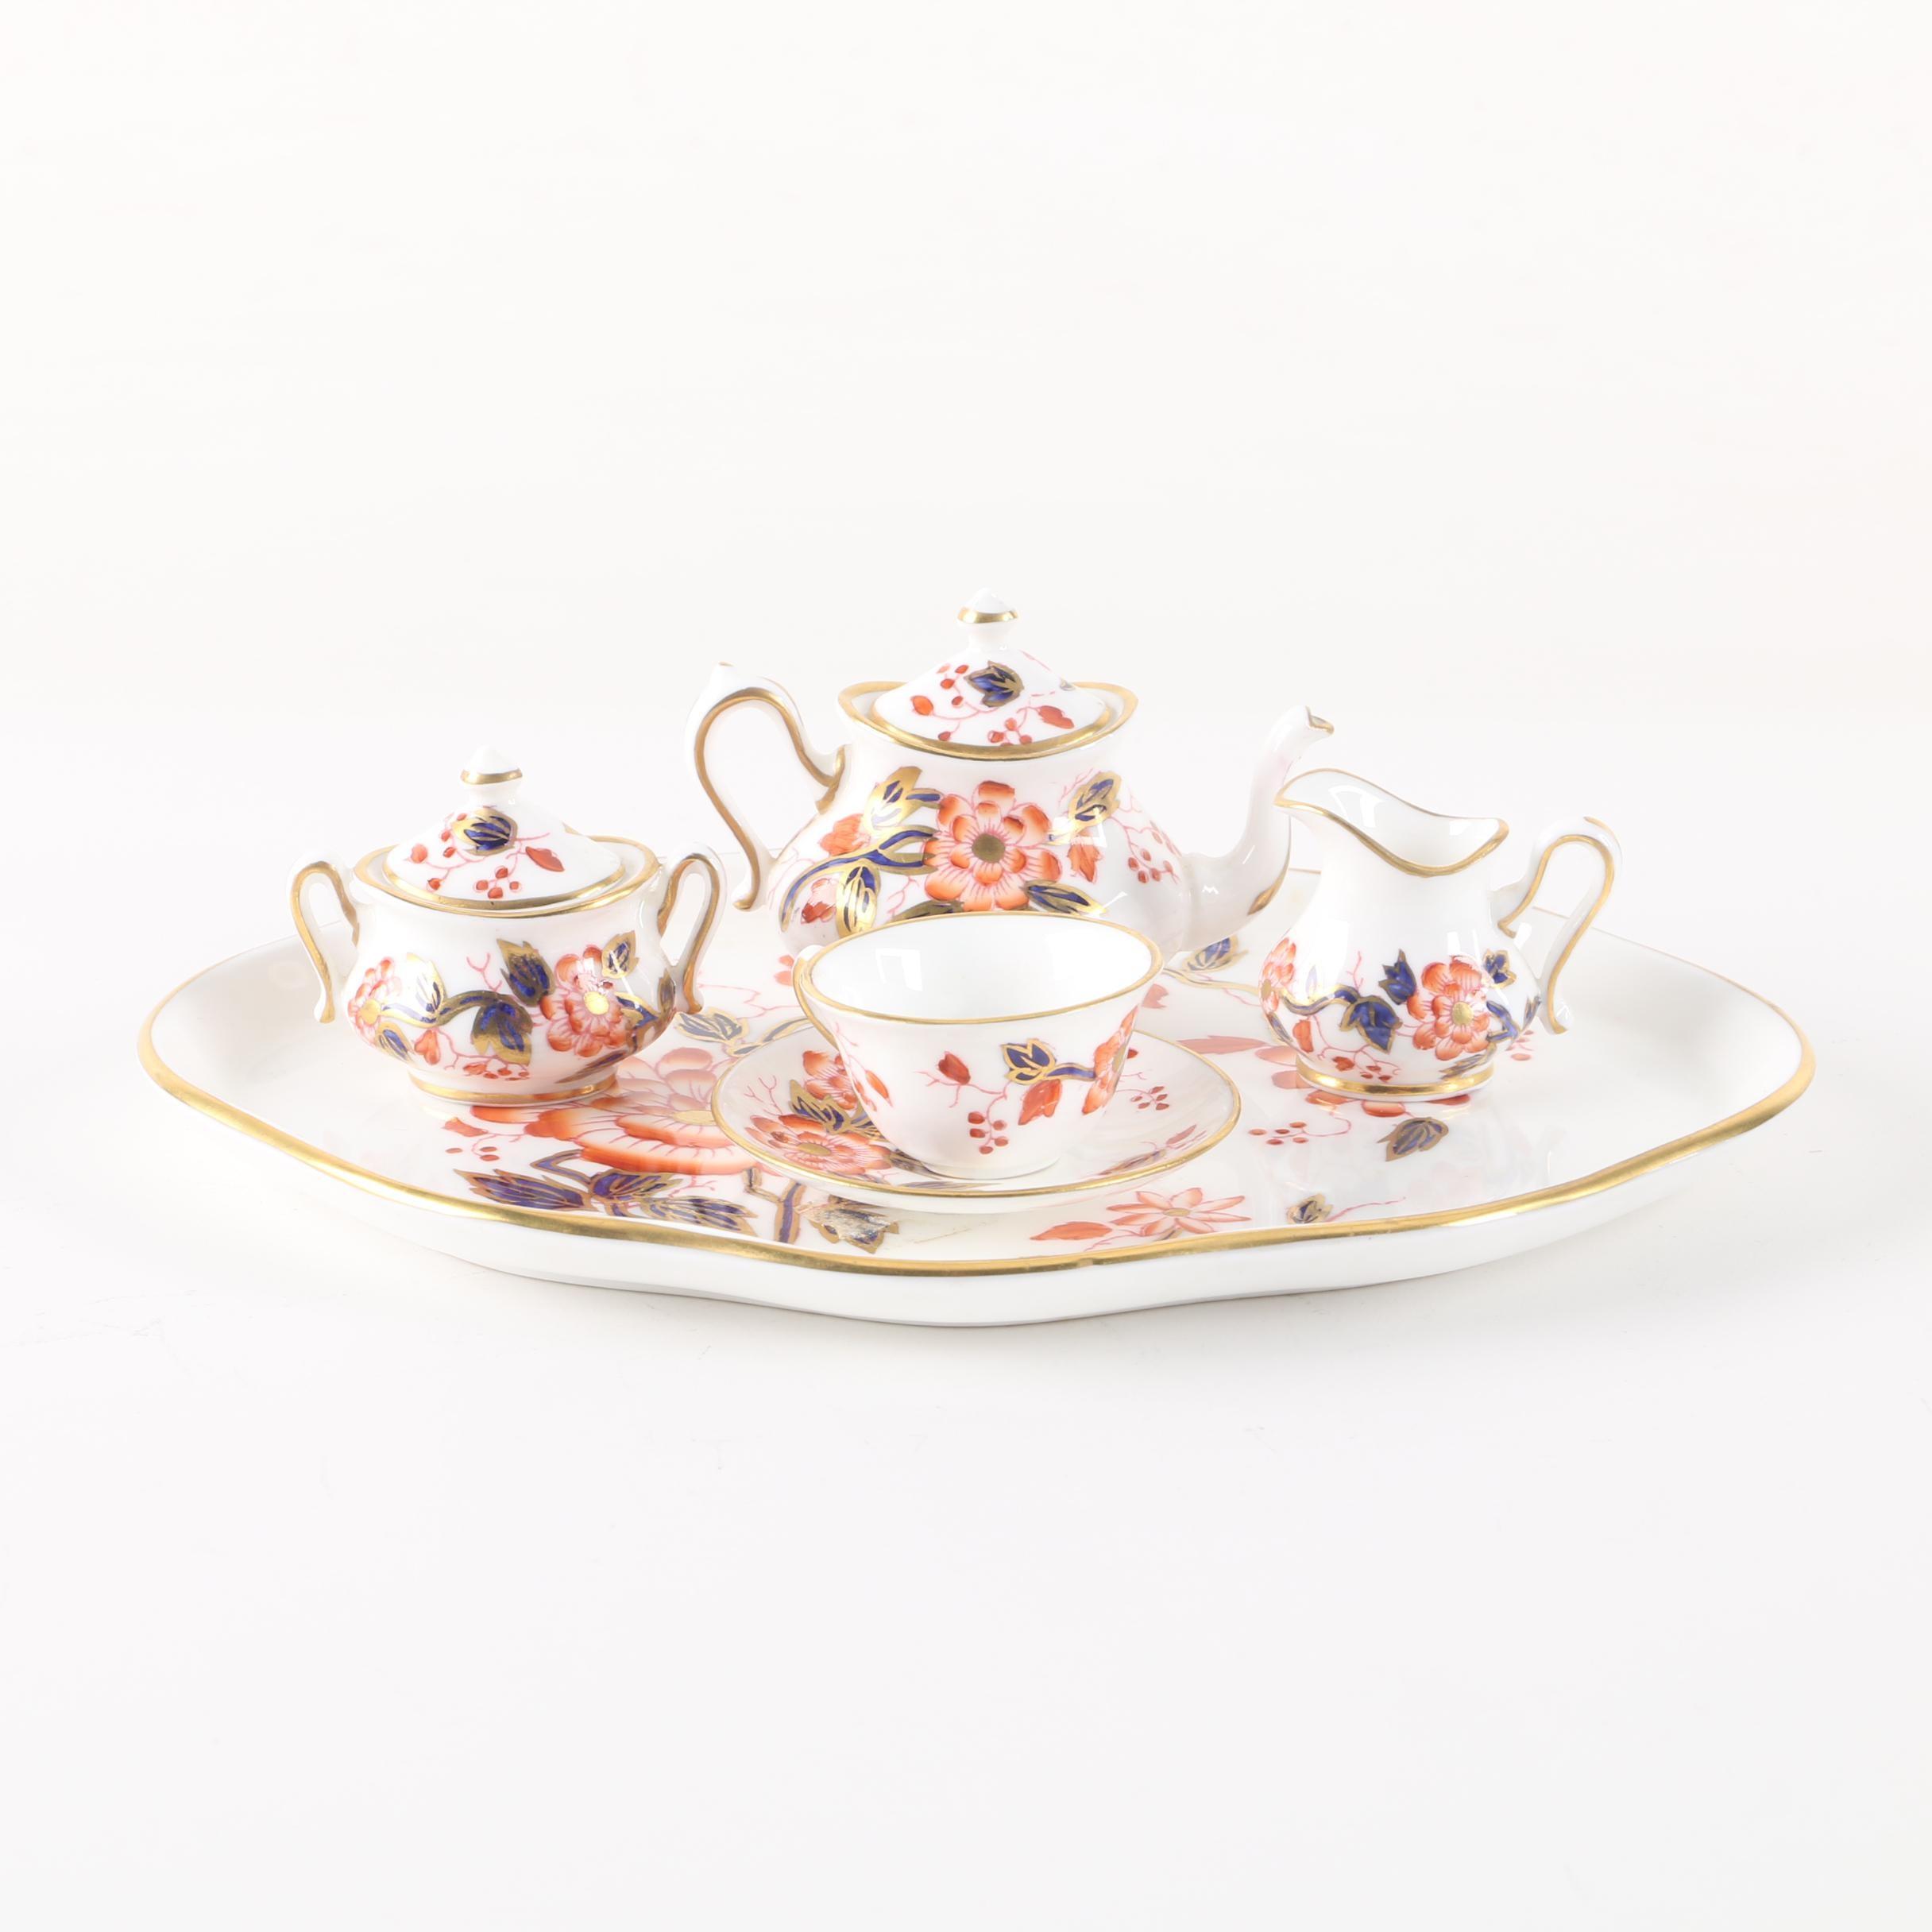 Crown Staffordshire Porcelain Miniature Tea Set